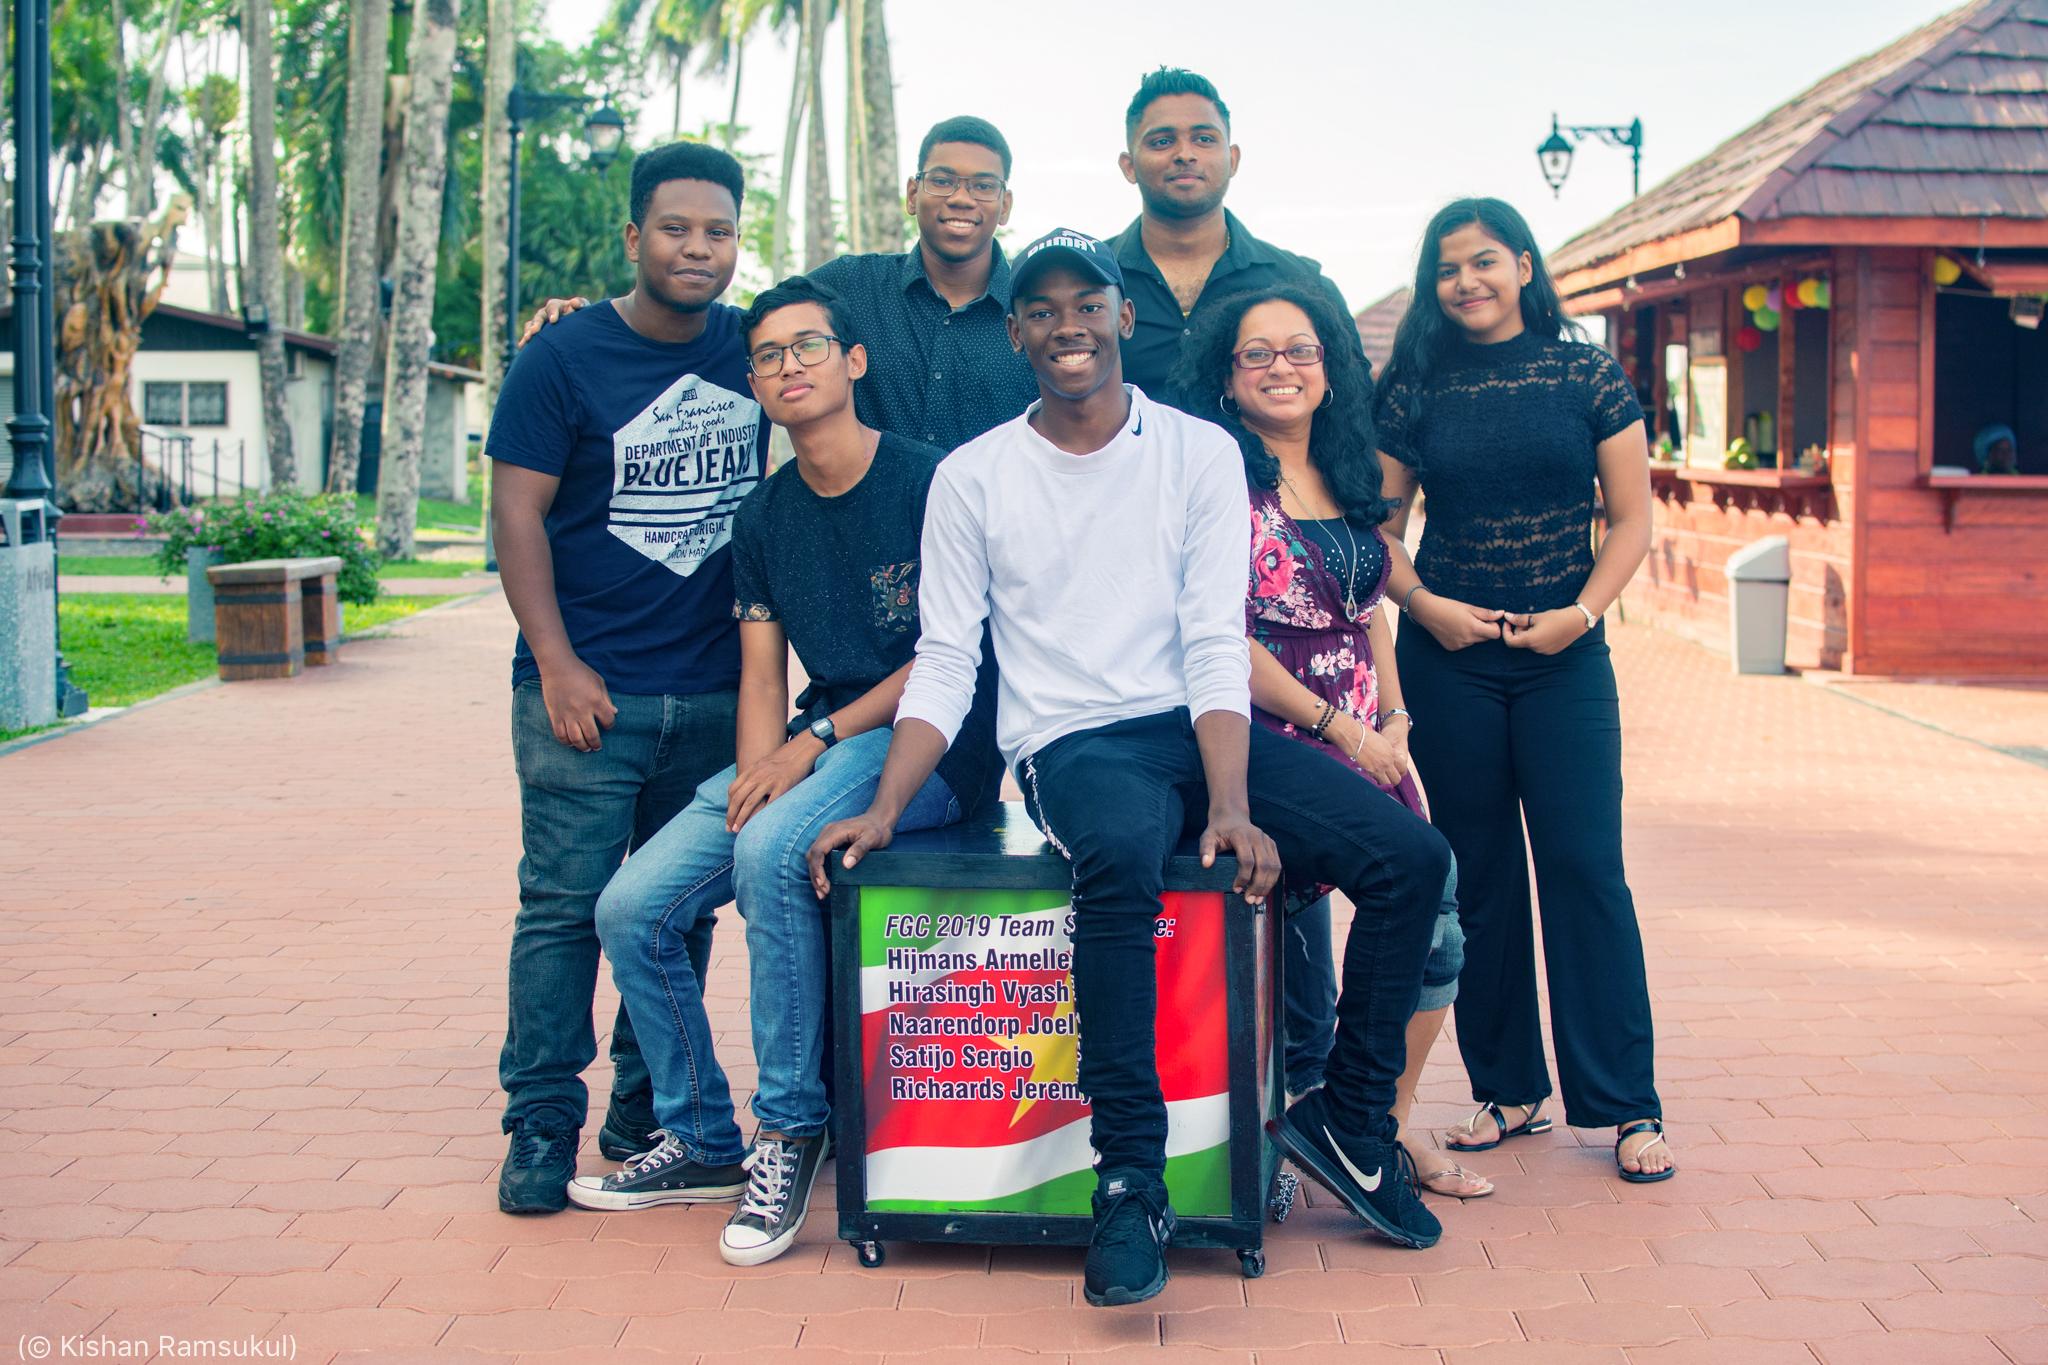 Group of people smiling (© Kishan Ramsukul)